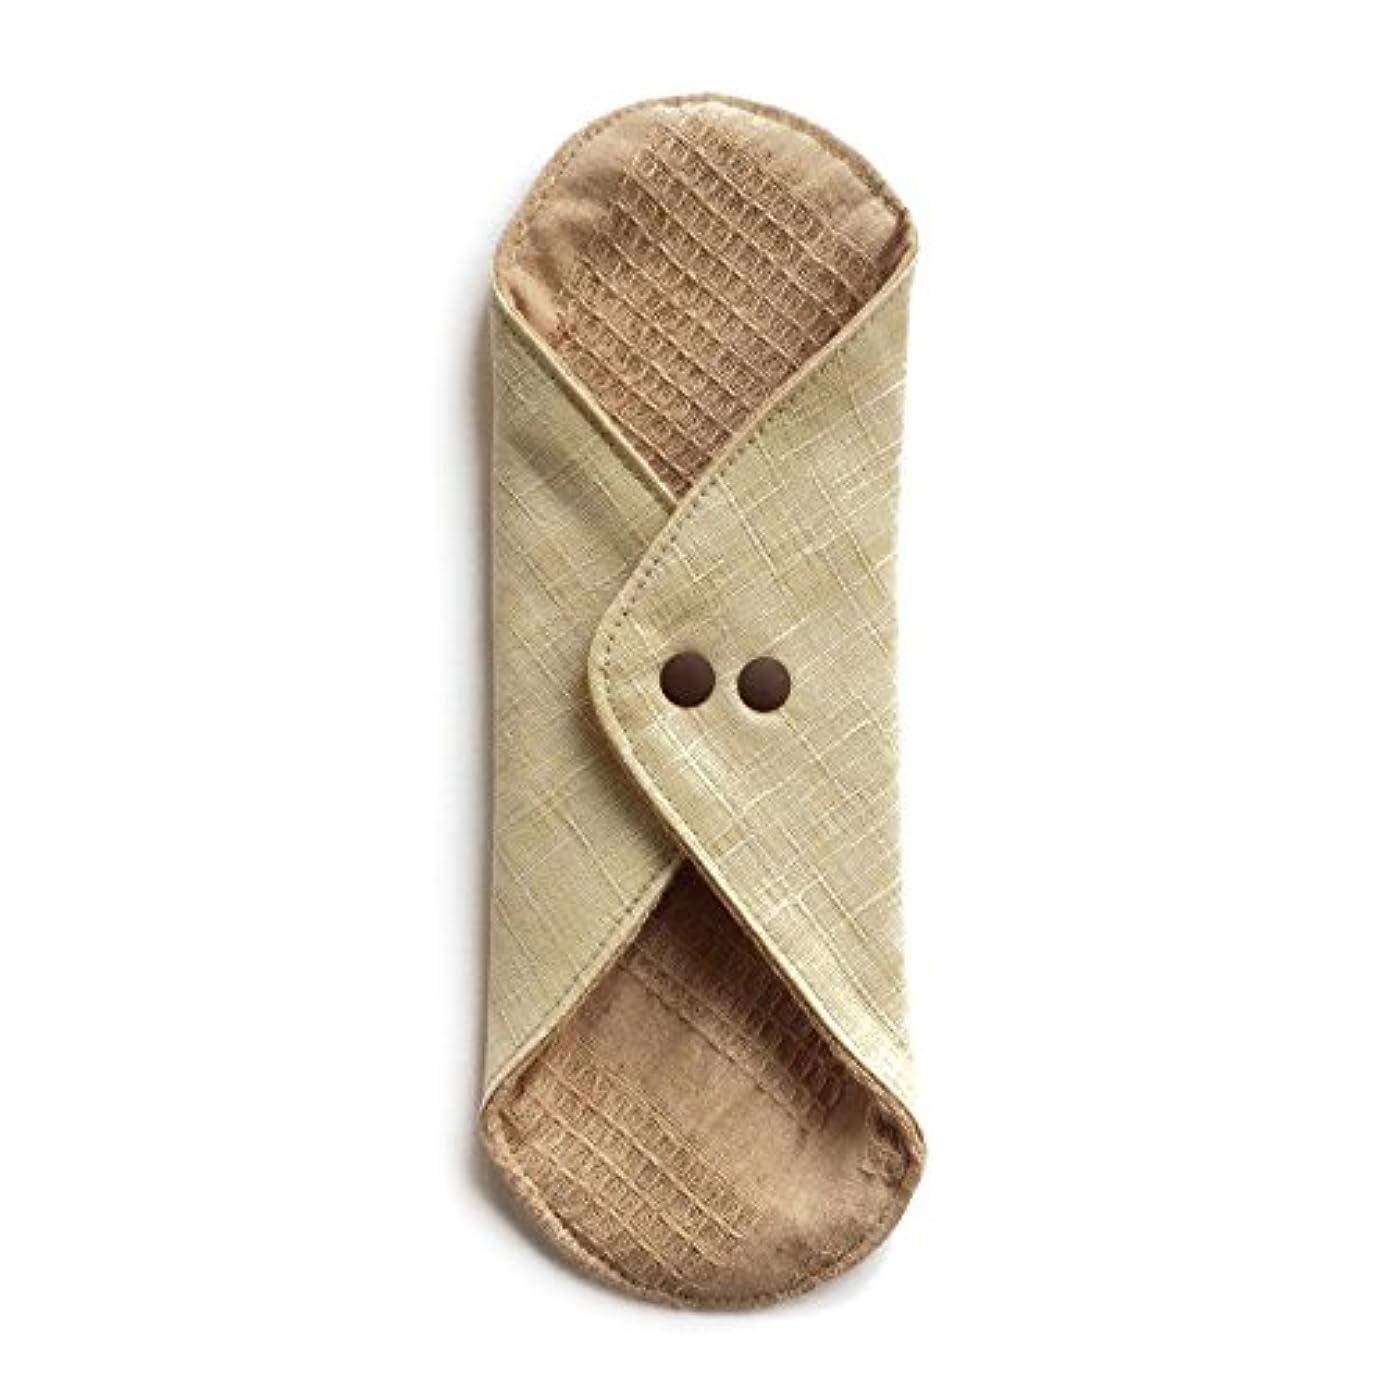 マウント借りているマエストロ華布のオーガニックコットンのあたため布 Lサイズ (約18×約20.5×約0.5cm) 彩り(百合)